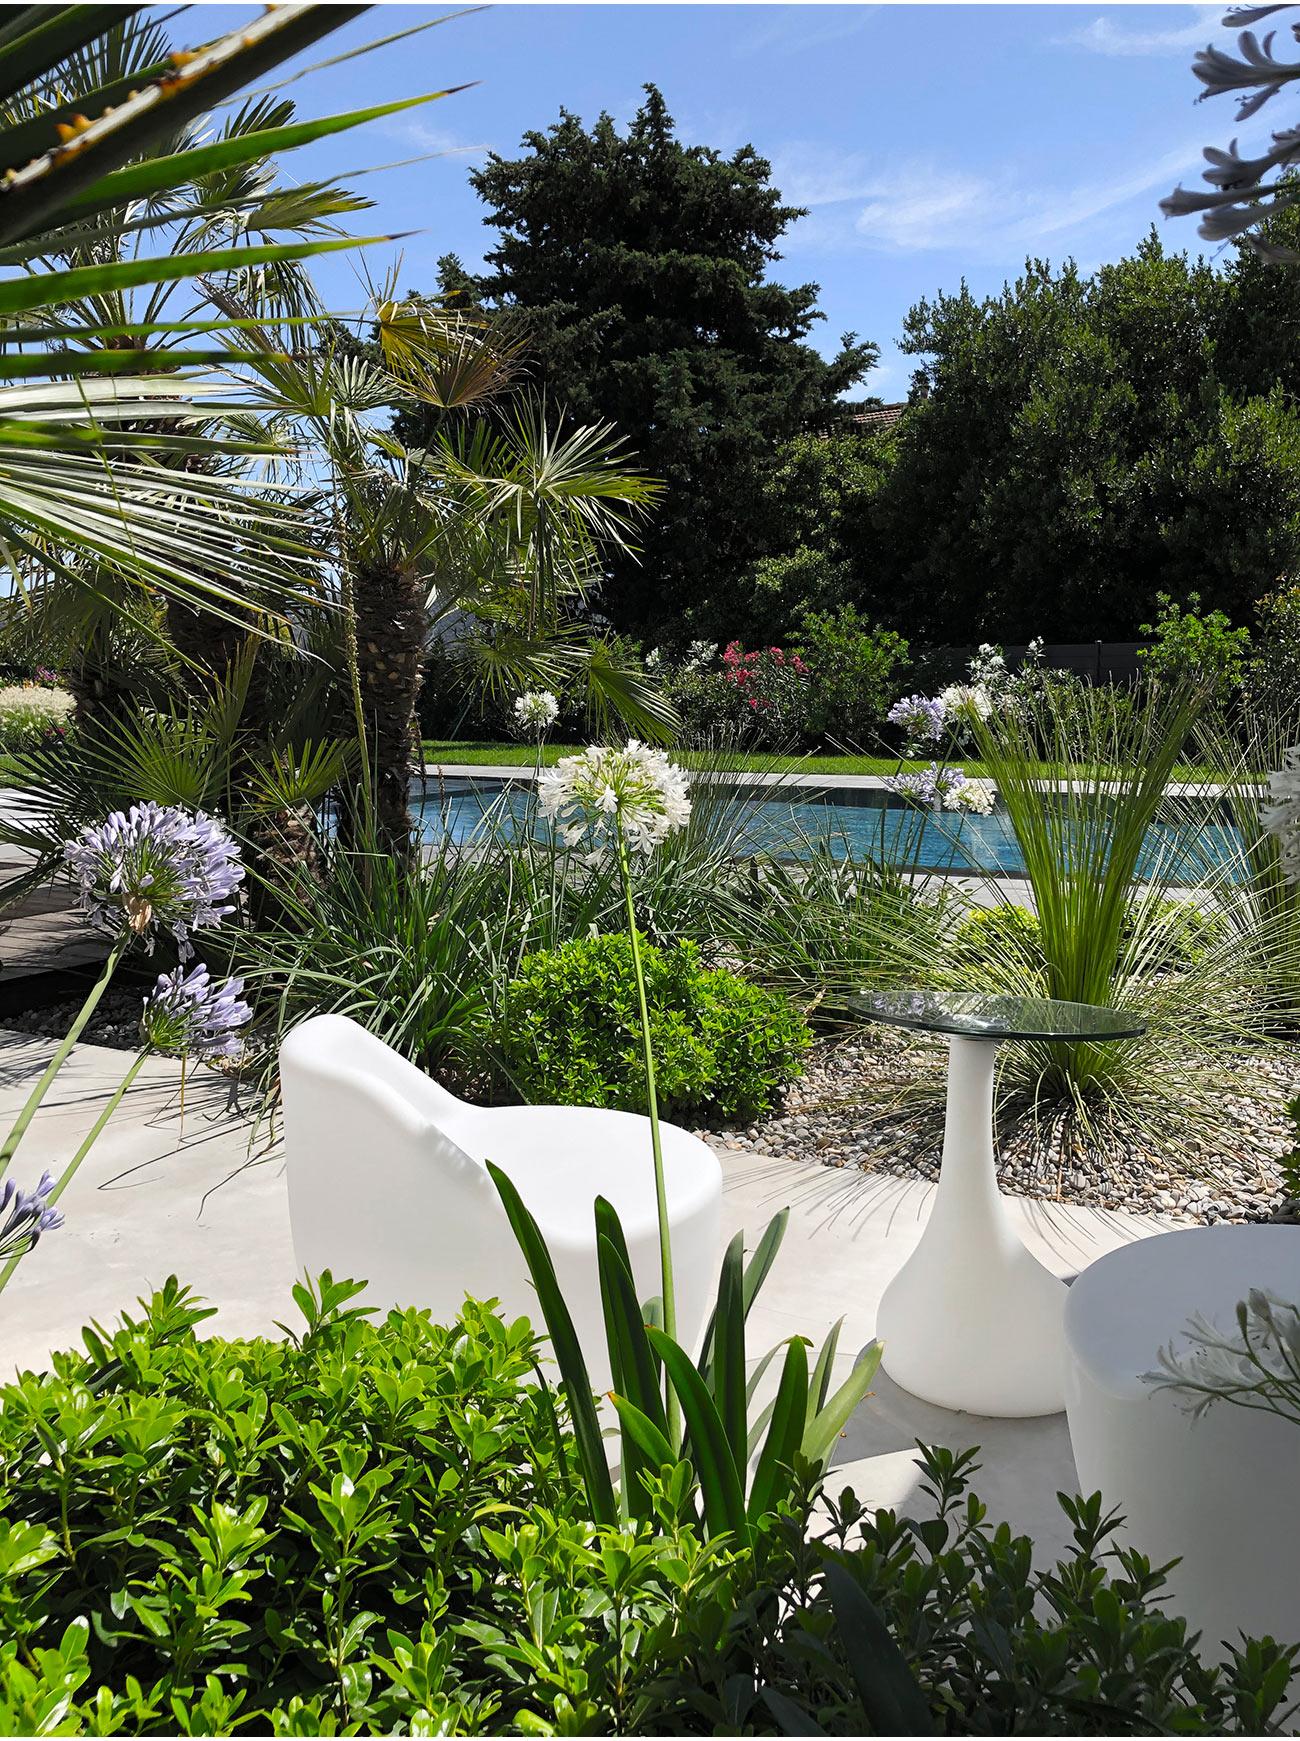 Atelier Naudier - Architecte paysagiste concepteur - Montpellier & Aix-en-Provence - Piscine miroir & Jardin méditerranéen - Création et aménagement jardin